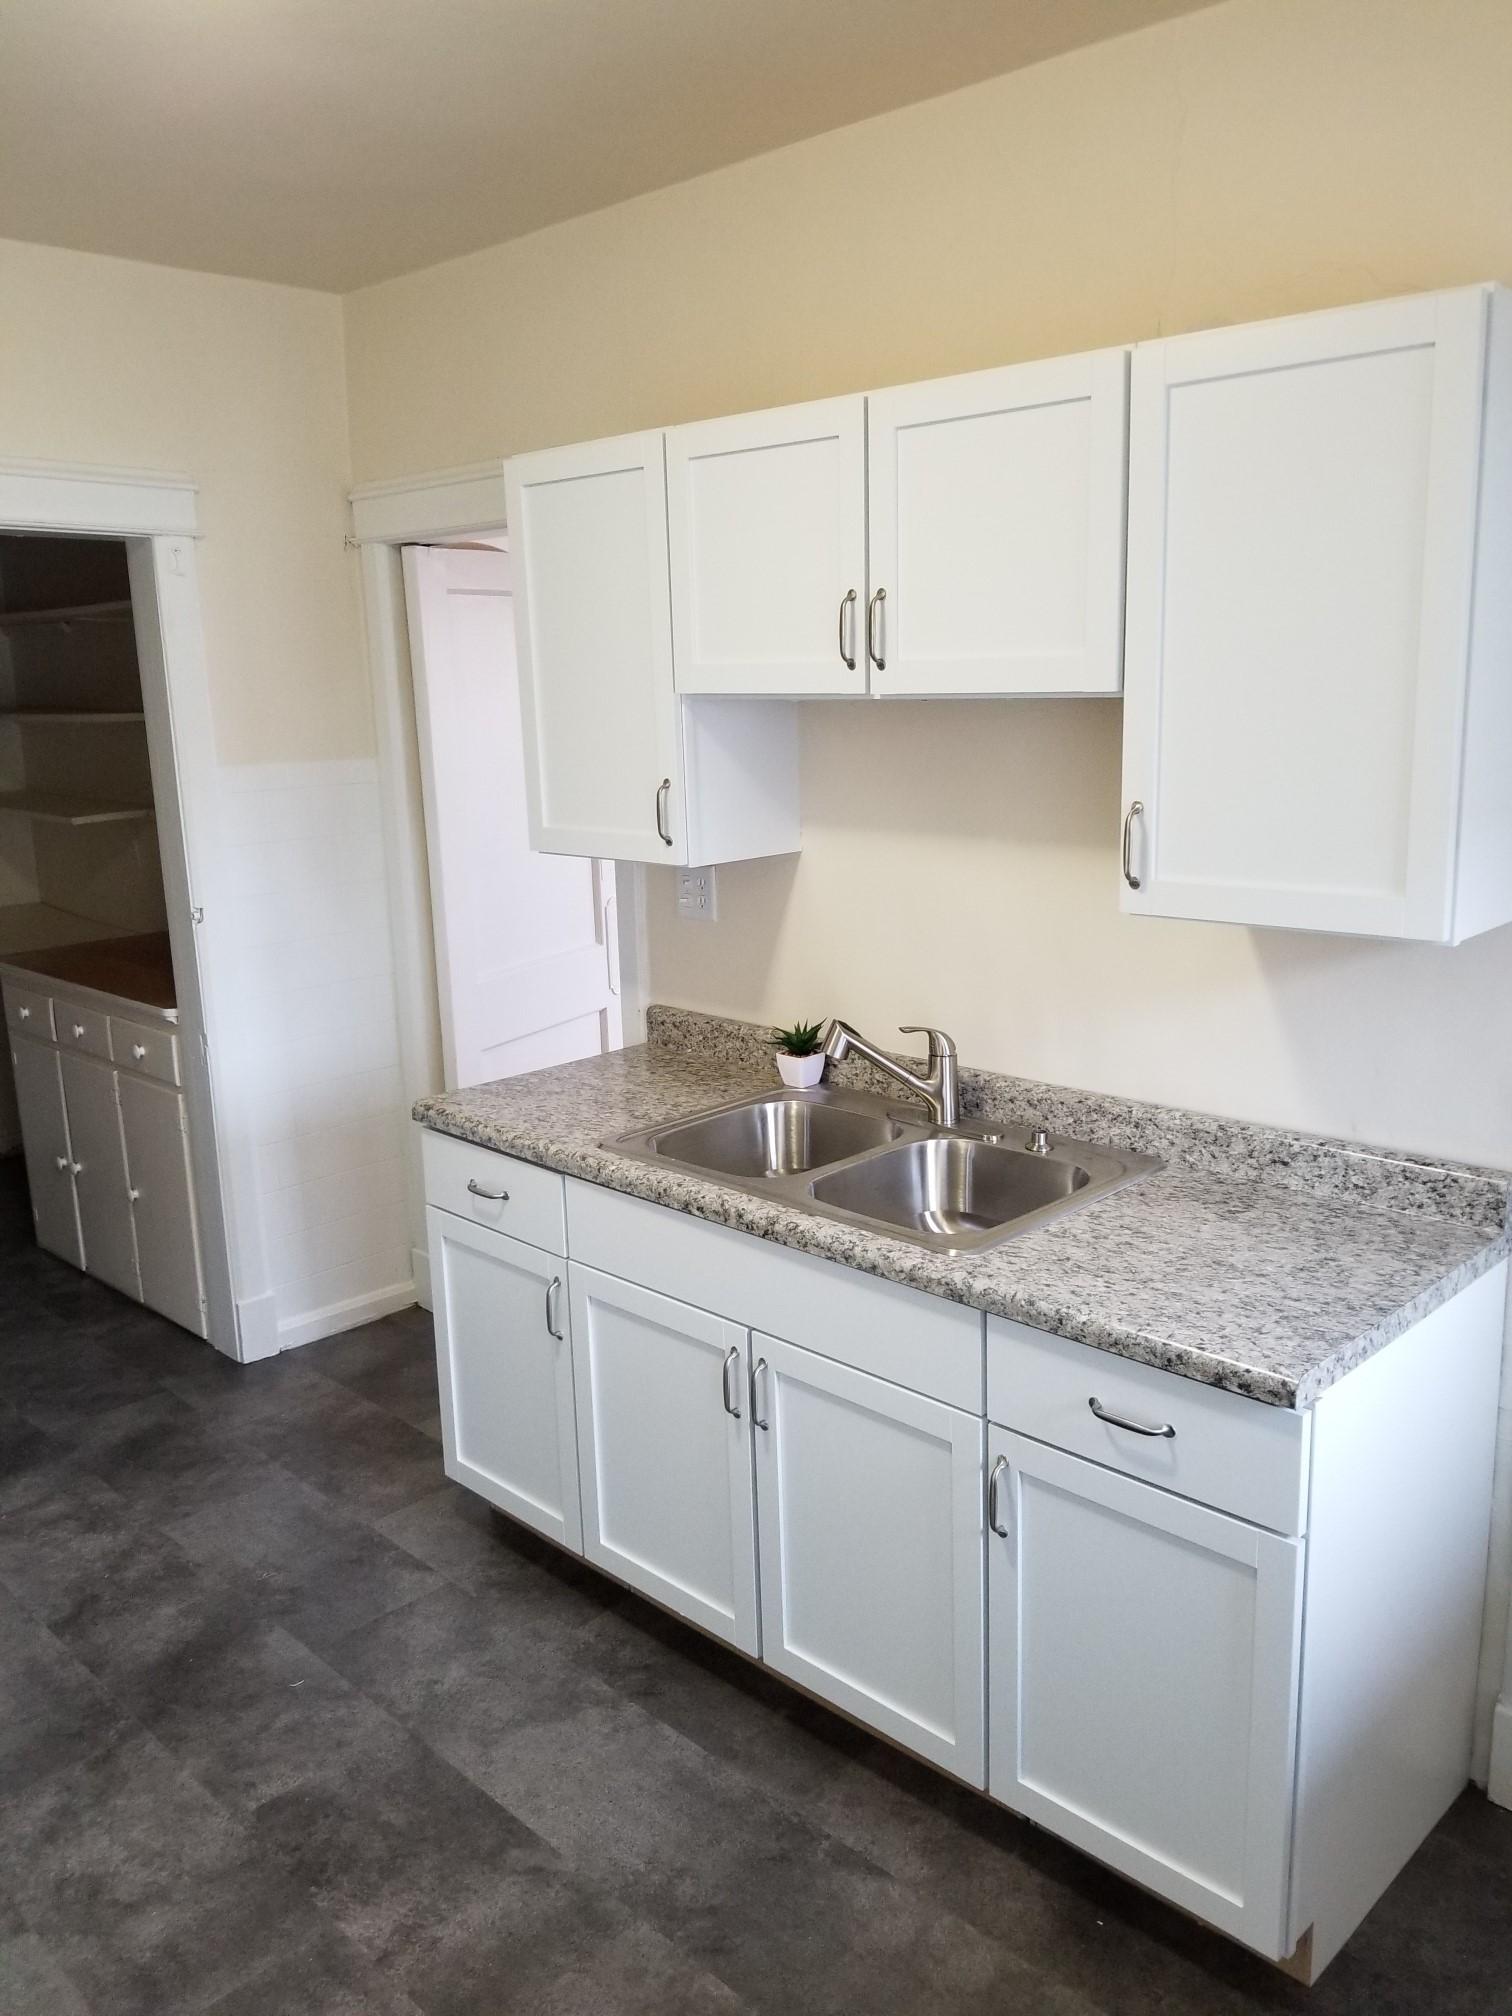 2508-C updated kitchen 3.jpg